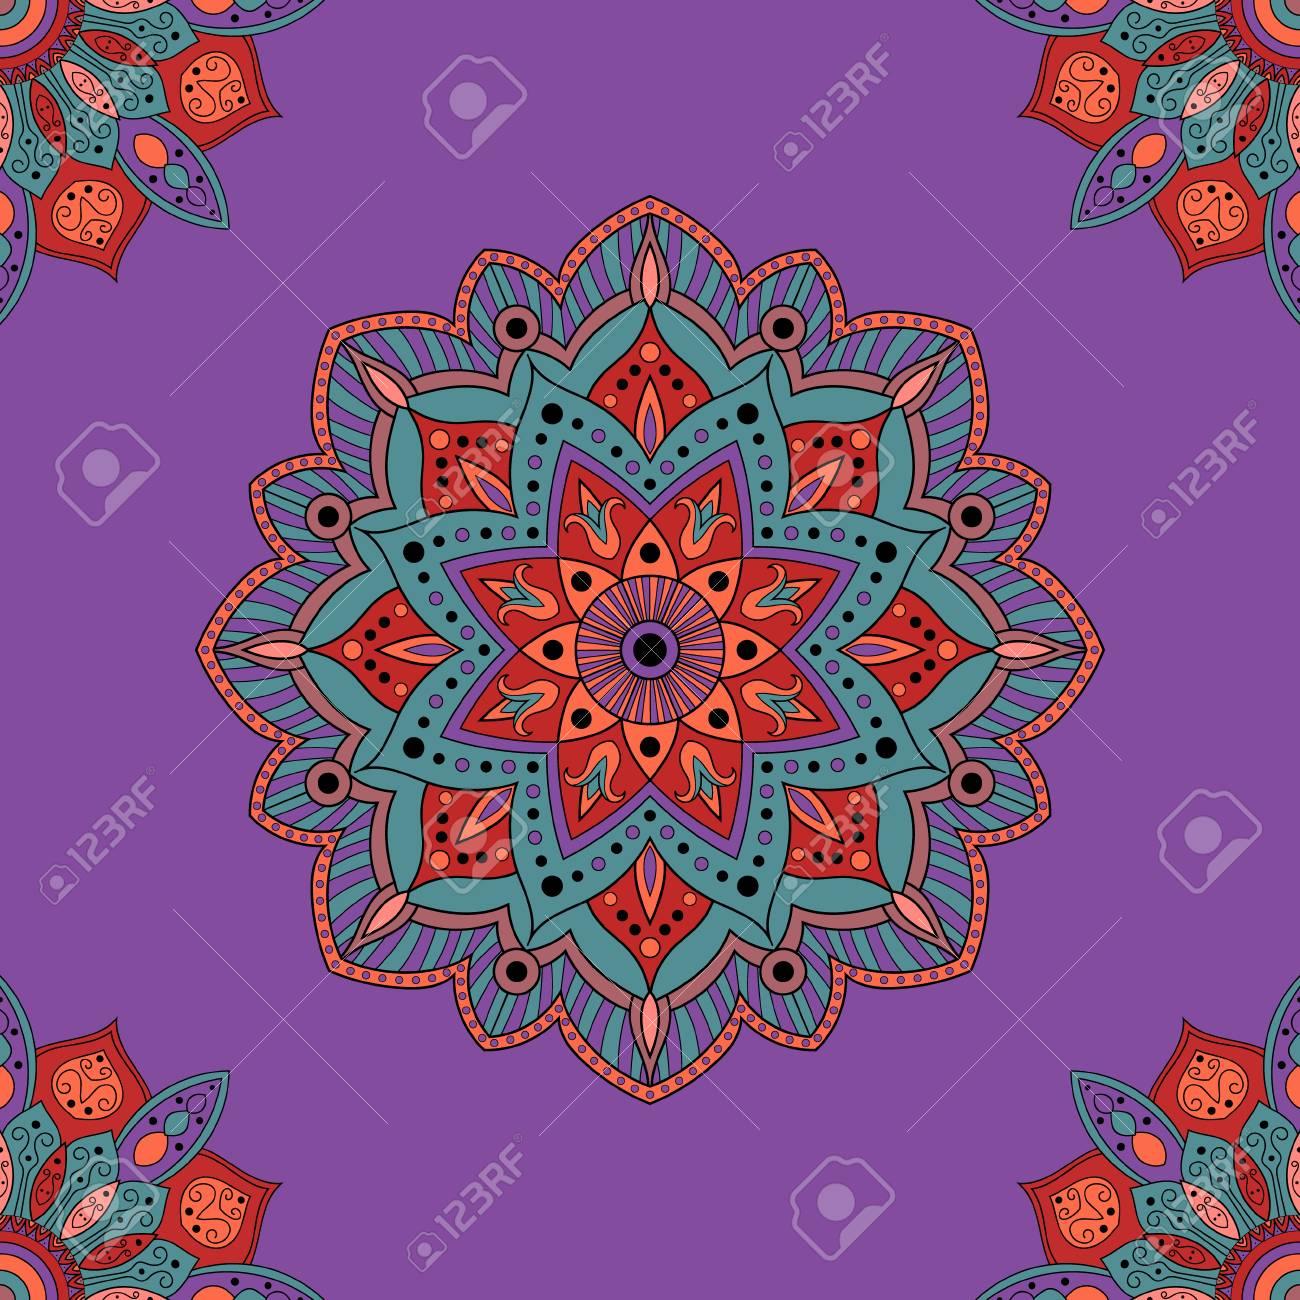 nahtlose indien hintergrund fr verpackung papier stoff oder tapeten hand gezeichnete orientalische verzierung mandala - Tapete Orientalisches Muster